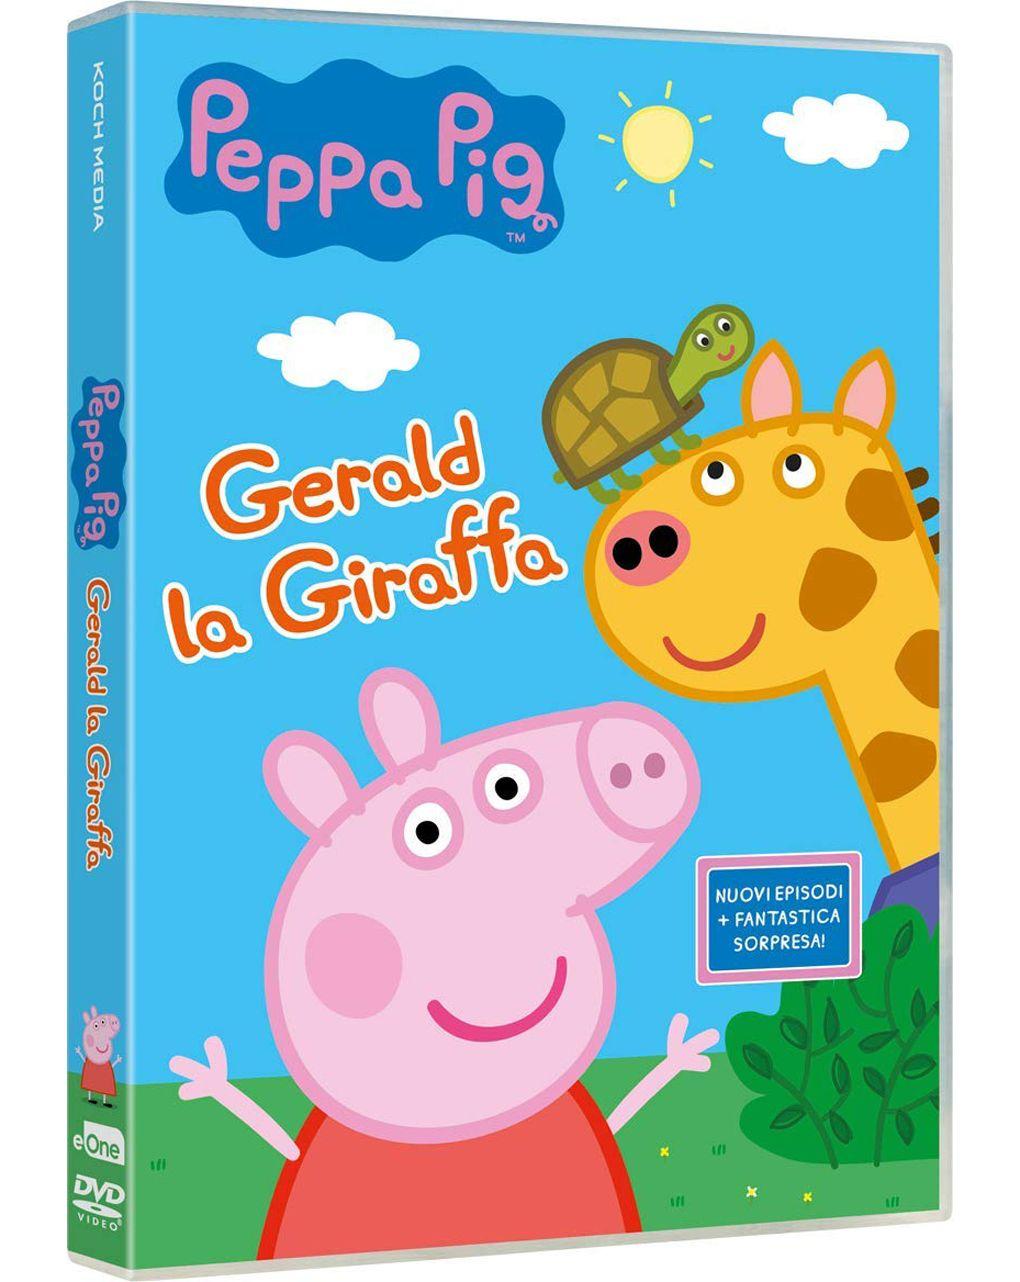 Dvd peppa pig - gerald la giraffa - Video Delta